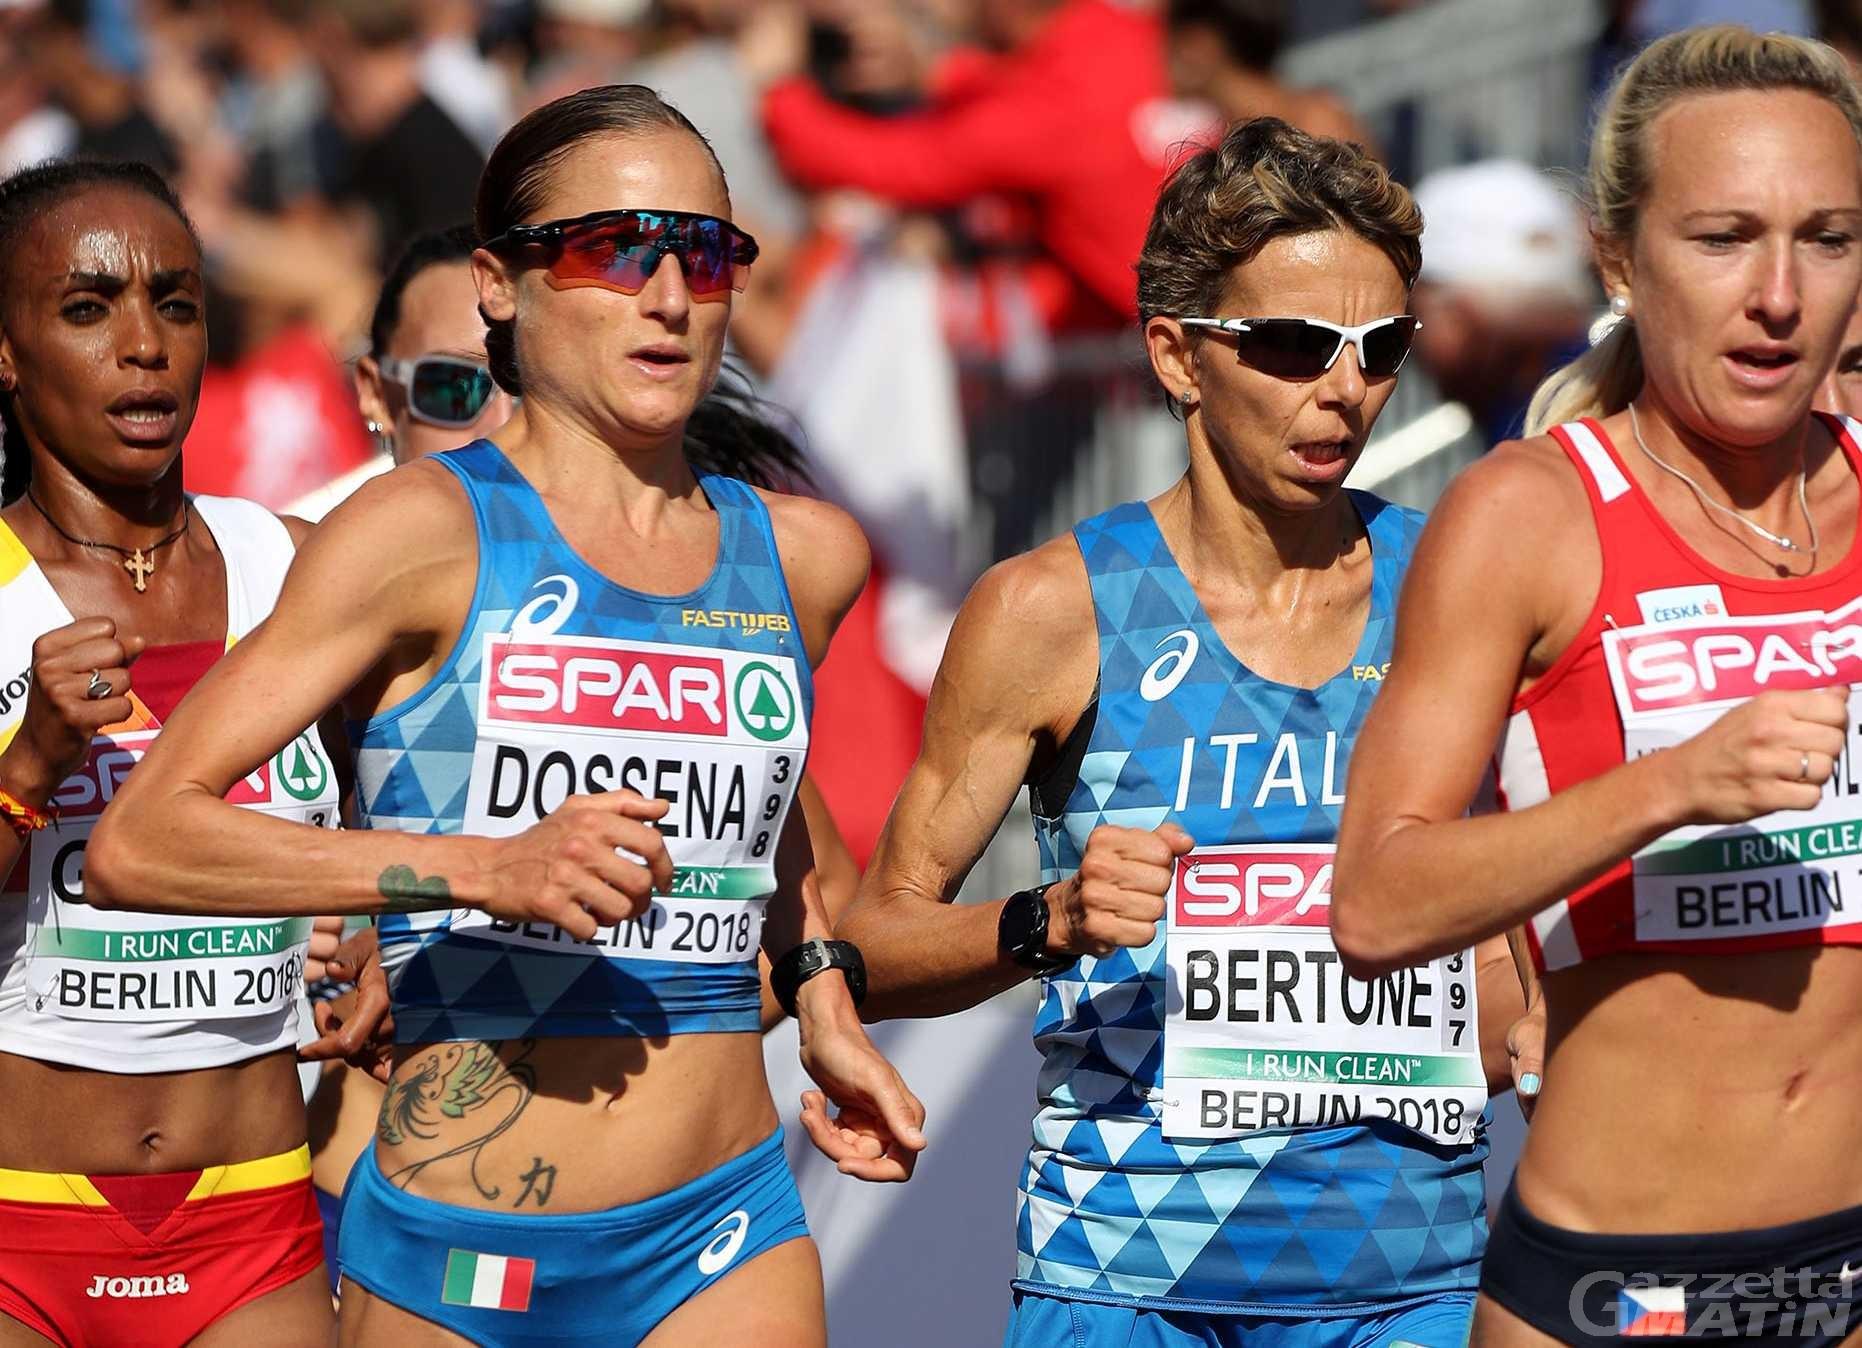 Atletica: stella d'oro al merito sportivo per Catherine Berthone